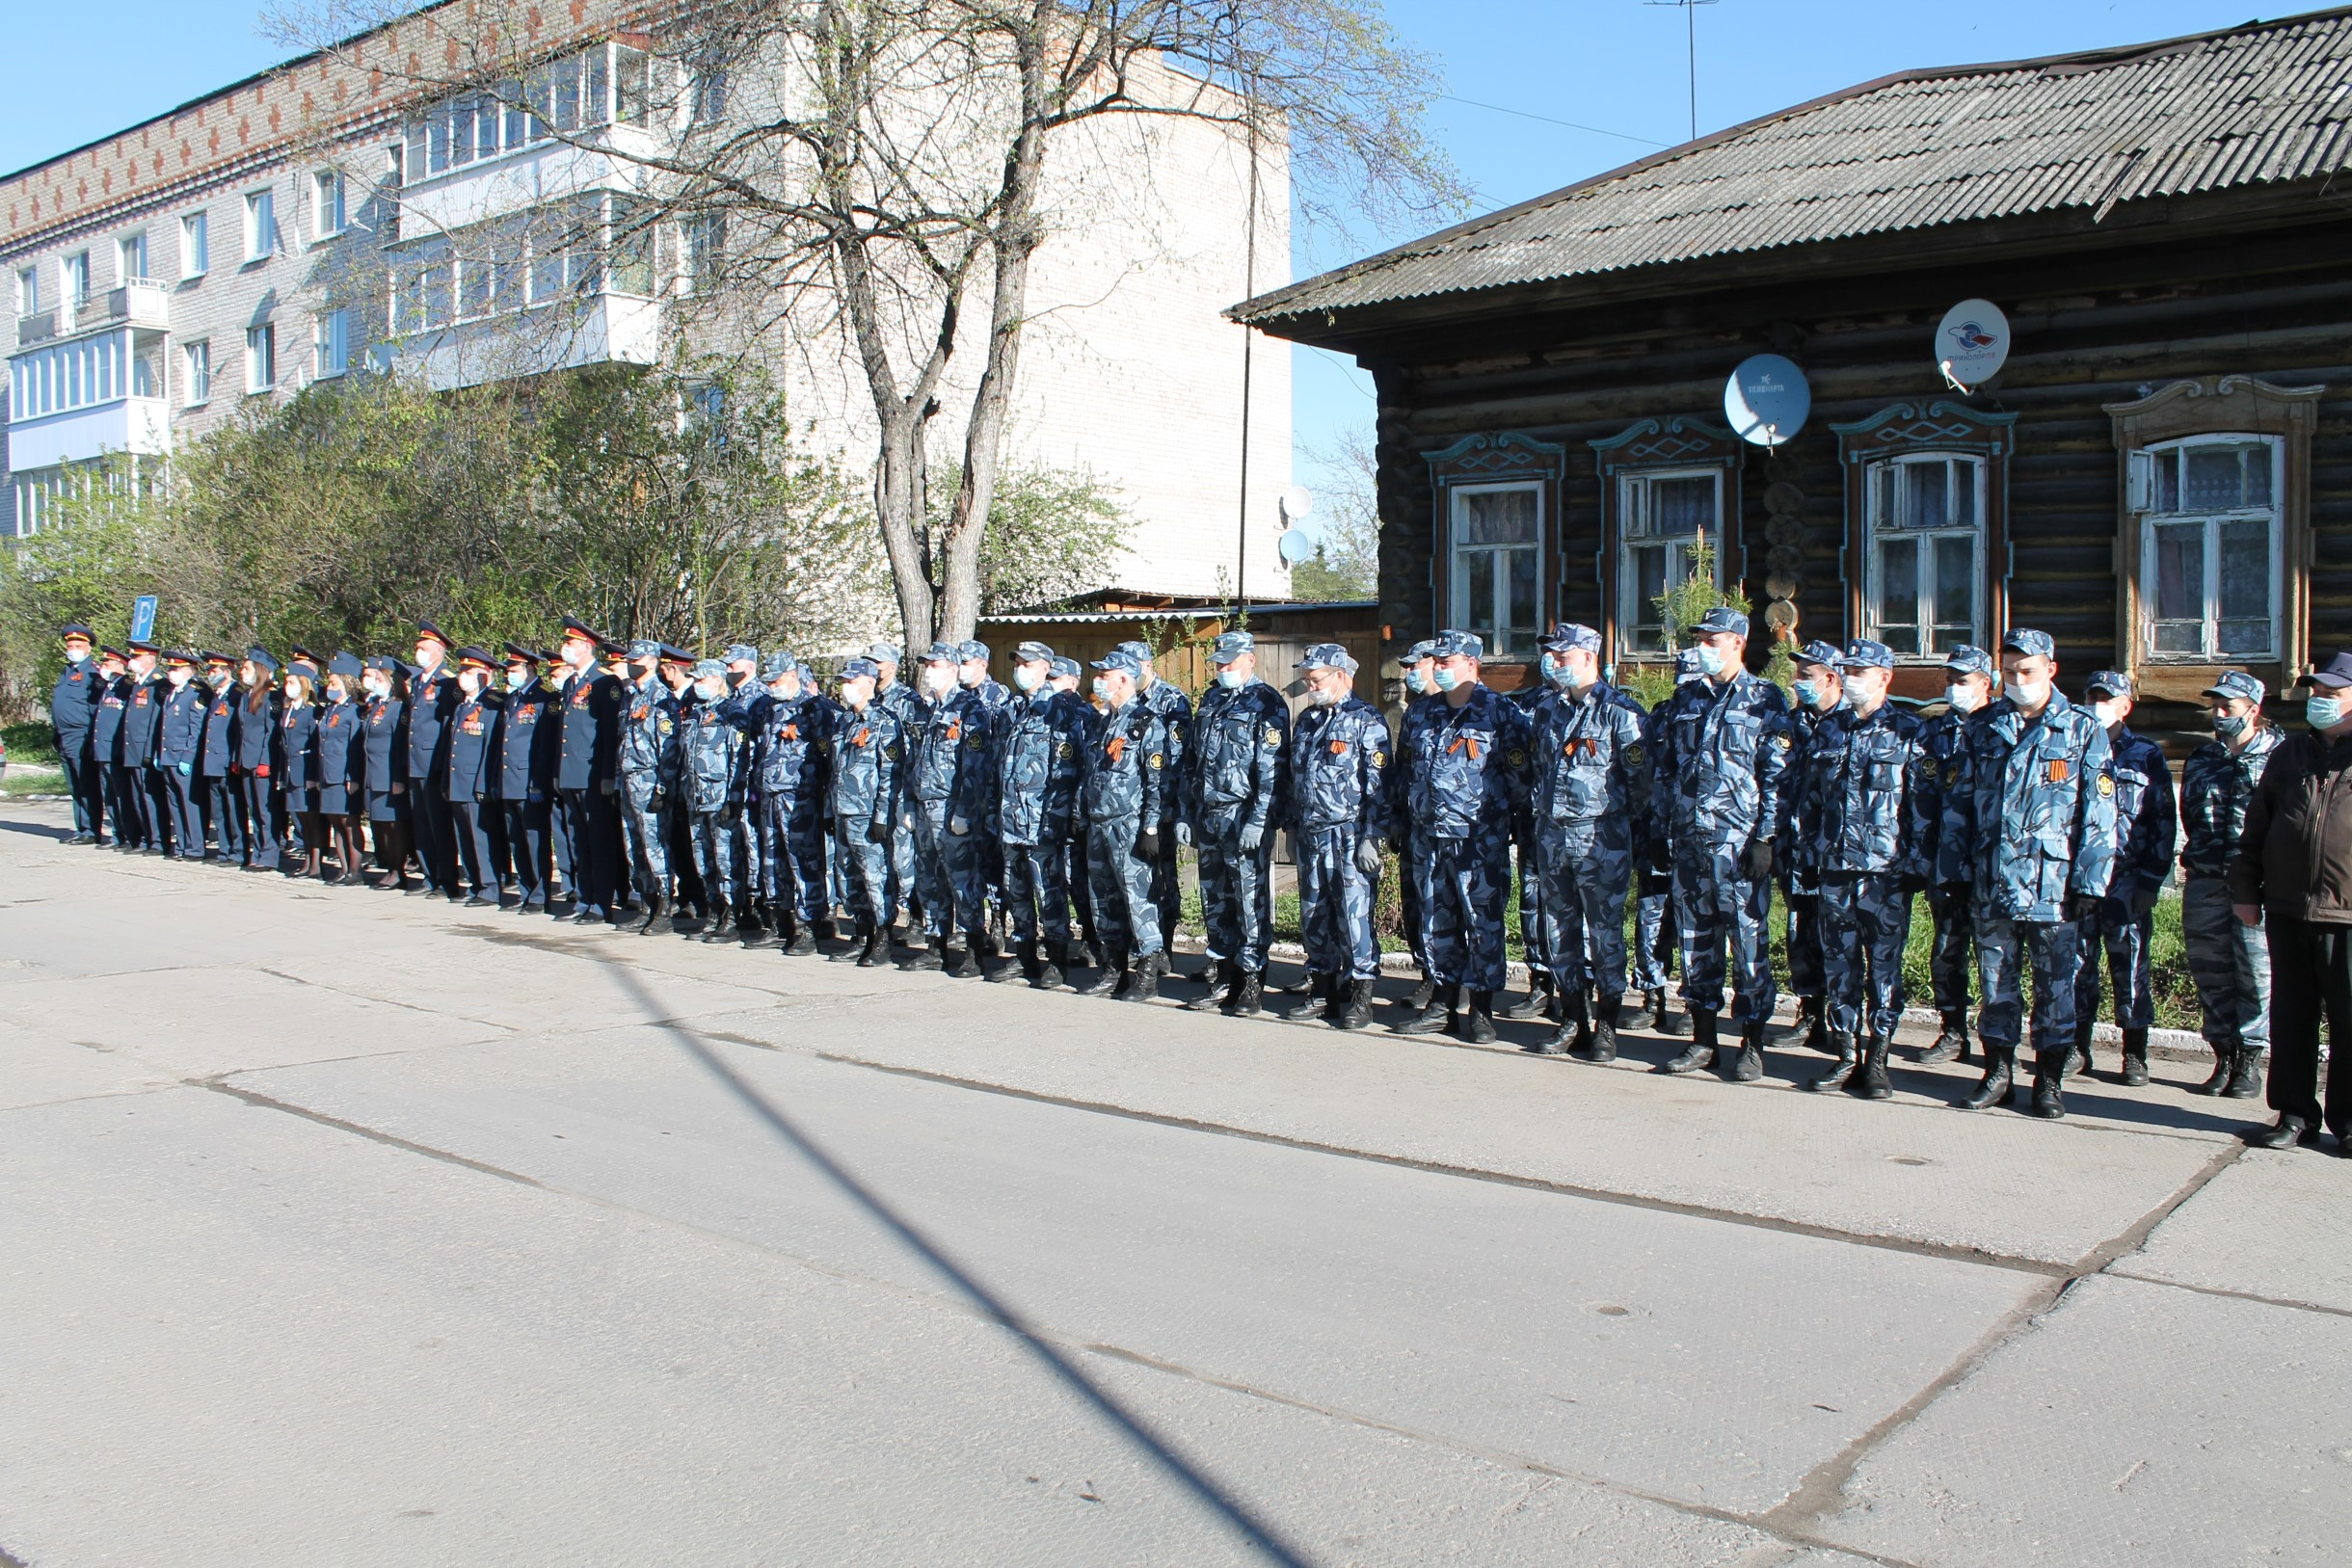 В Ирбите прошло торжественное построение сотрудников СИЗО-2, посвященное празднованию Дня Победы